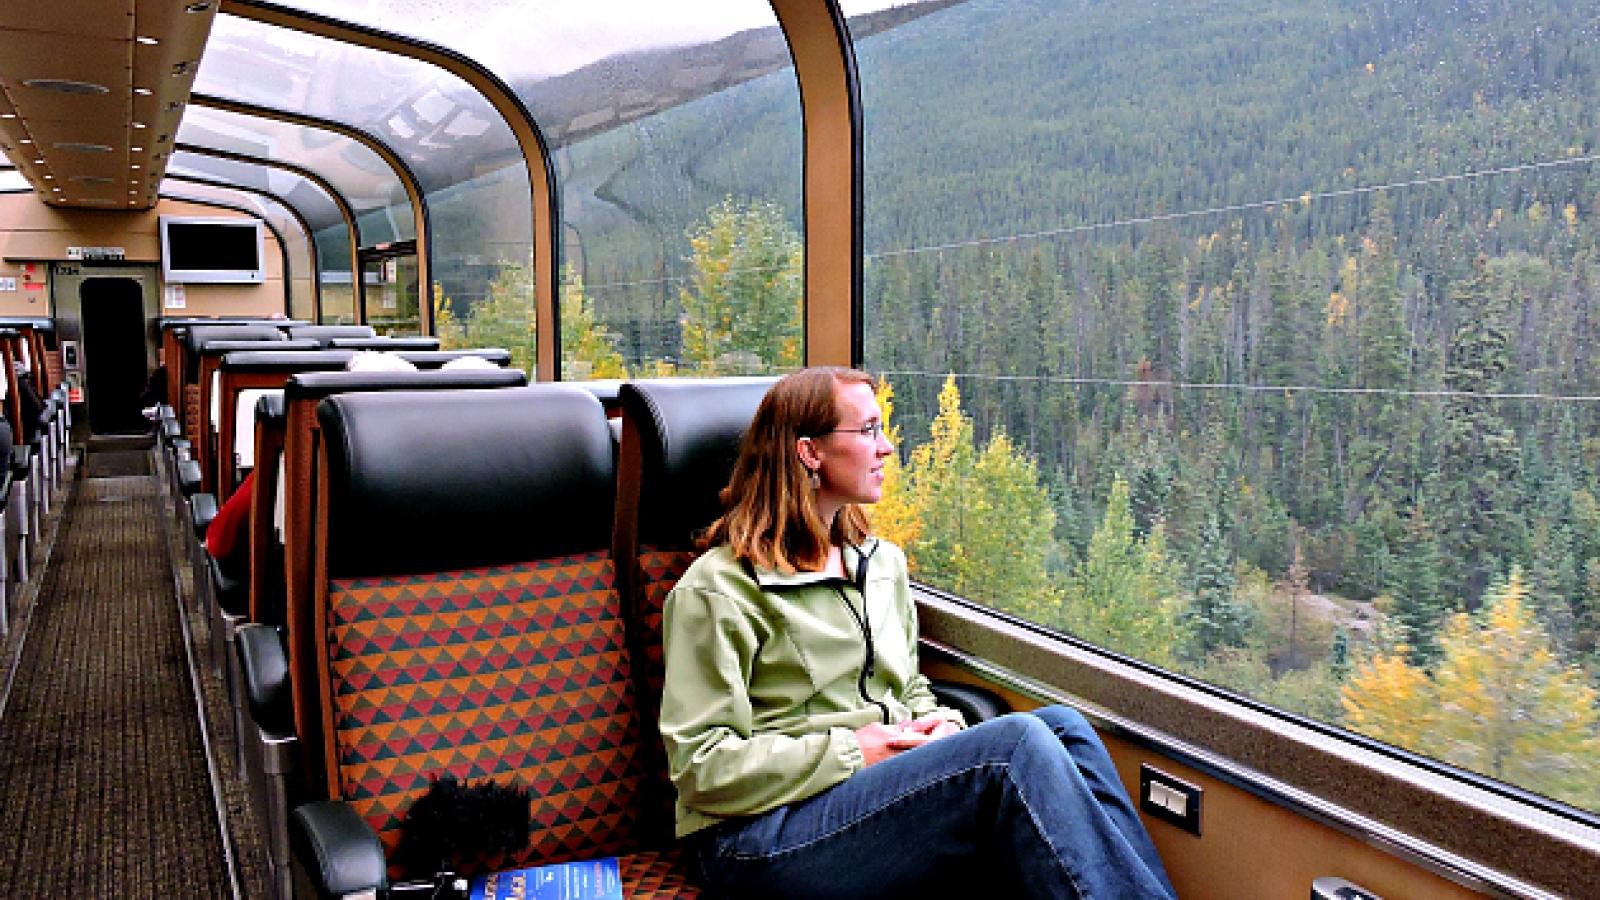 9 mẹo cần biết khi đi du lịch bằng tàu hỏa